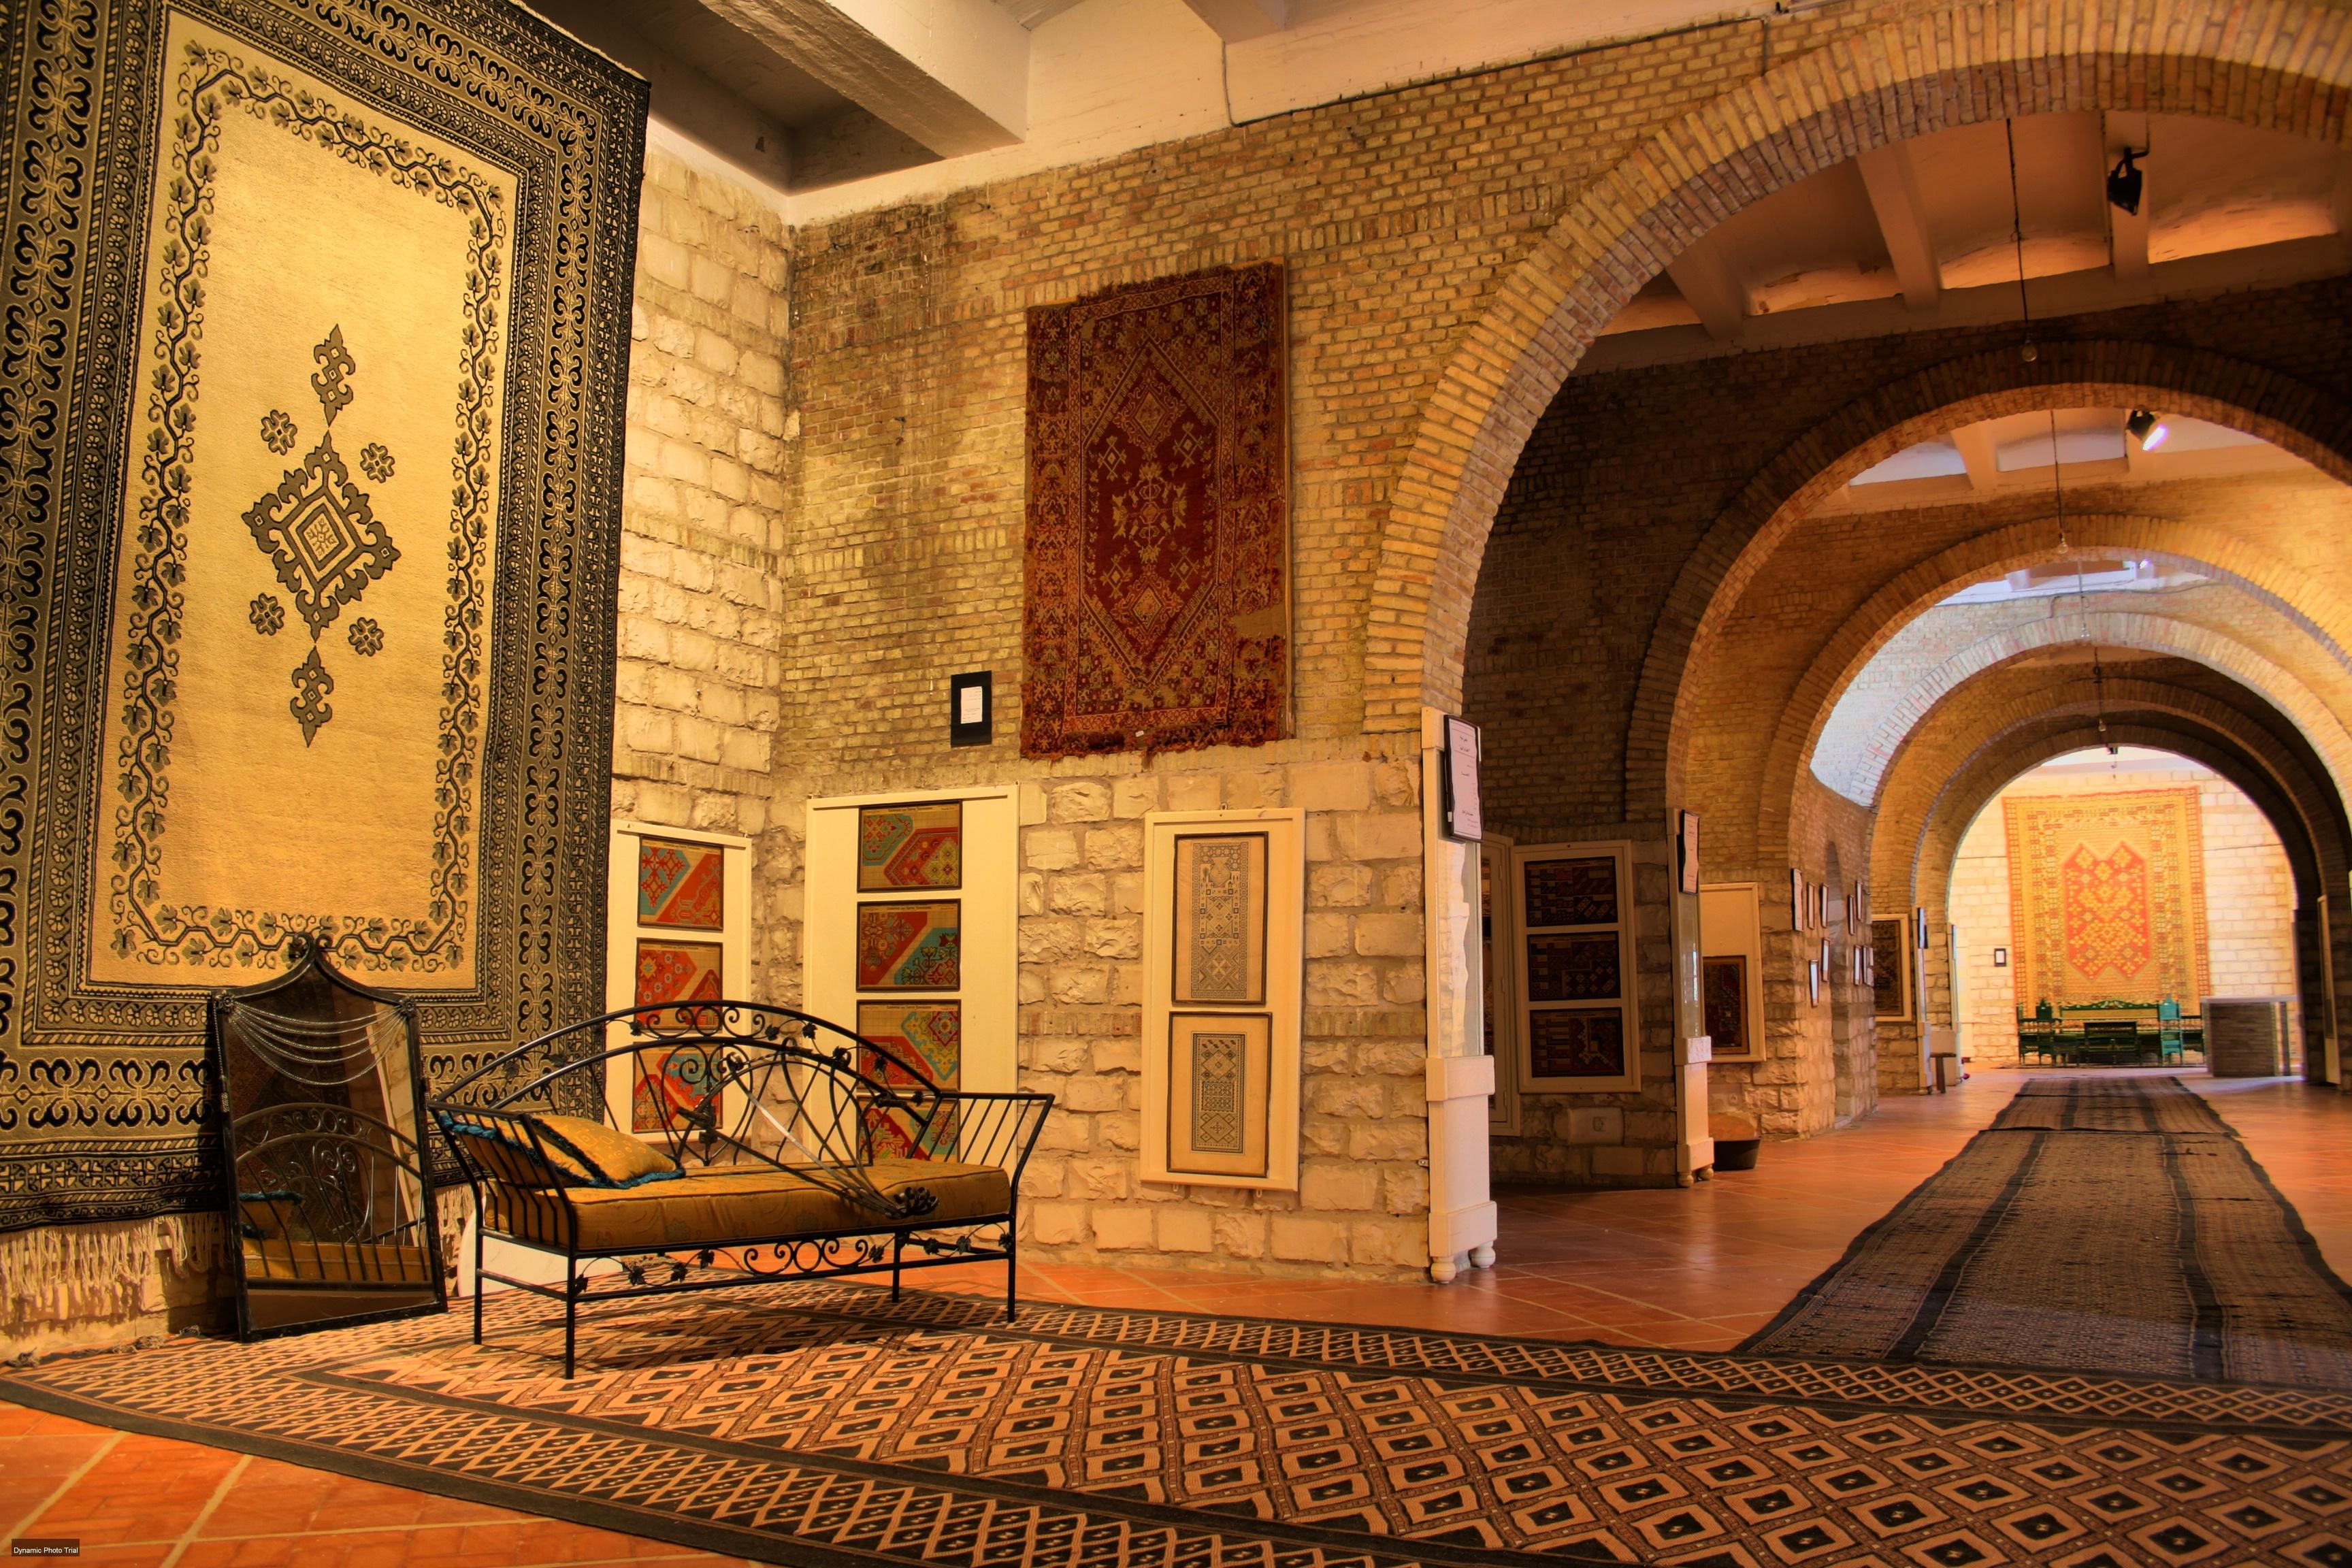 fotos gratis arquitectura palacio edificio arco